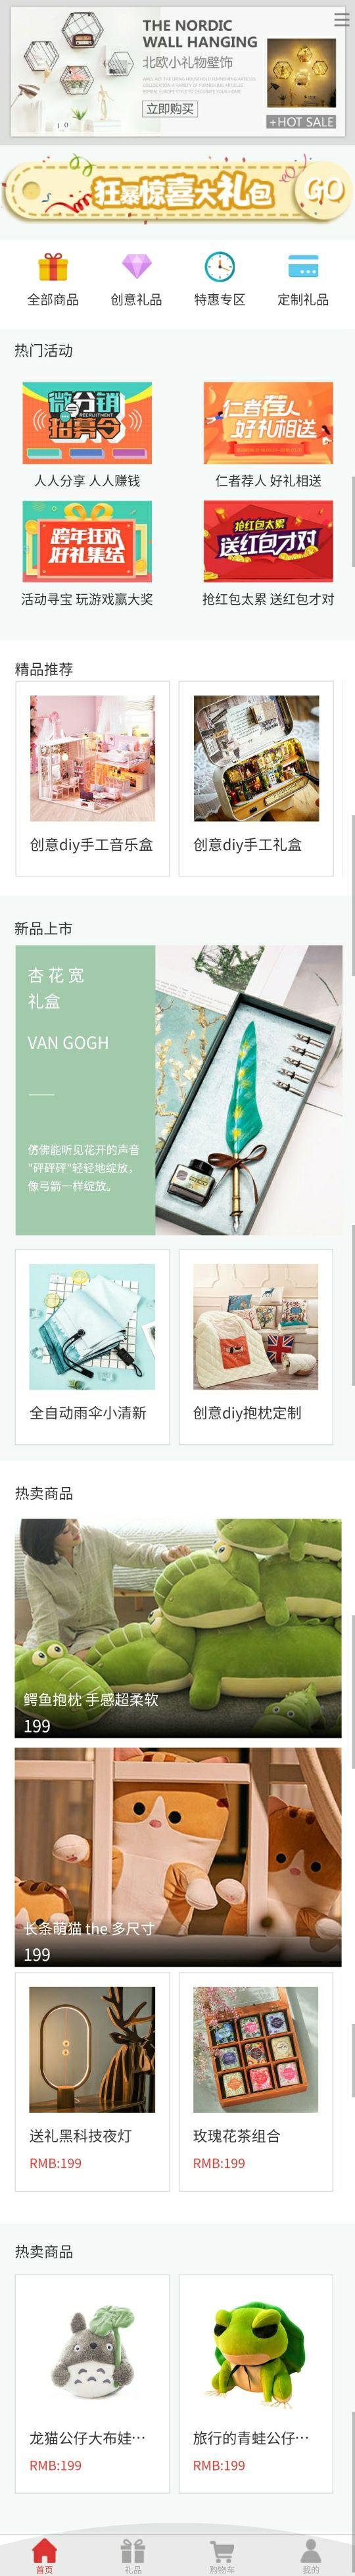 小礼物购物小程序商城模板